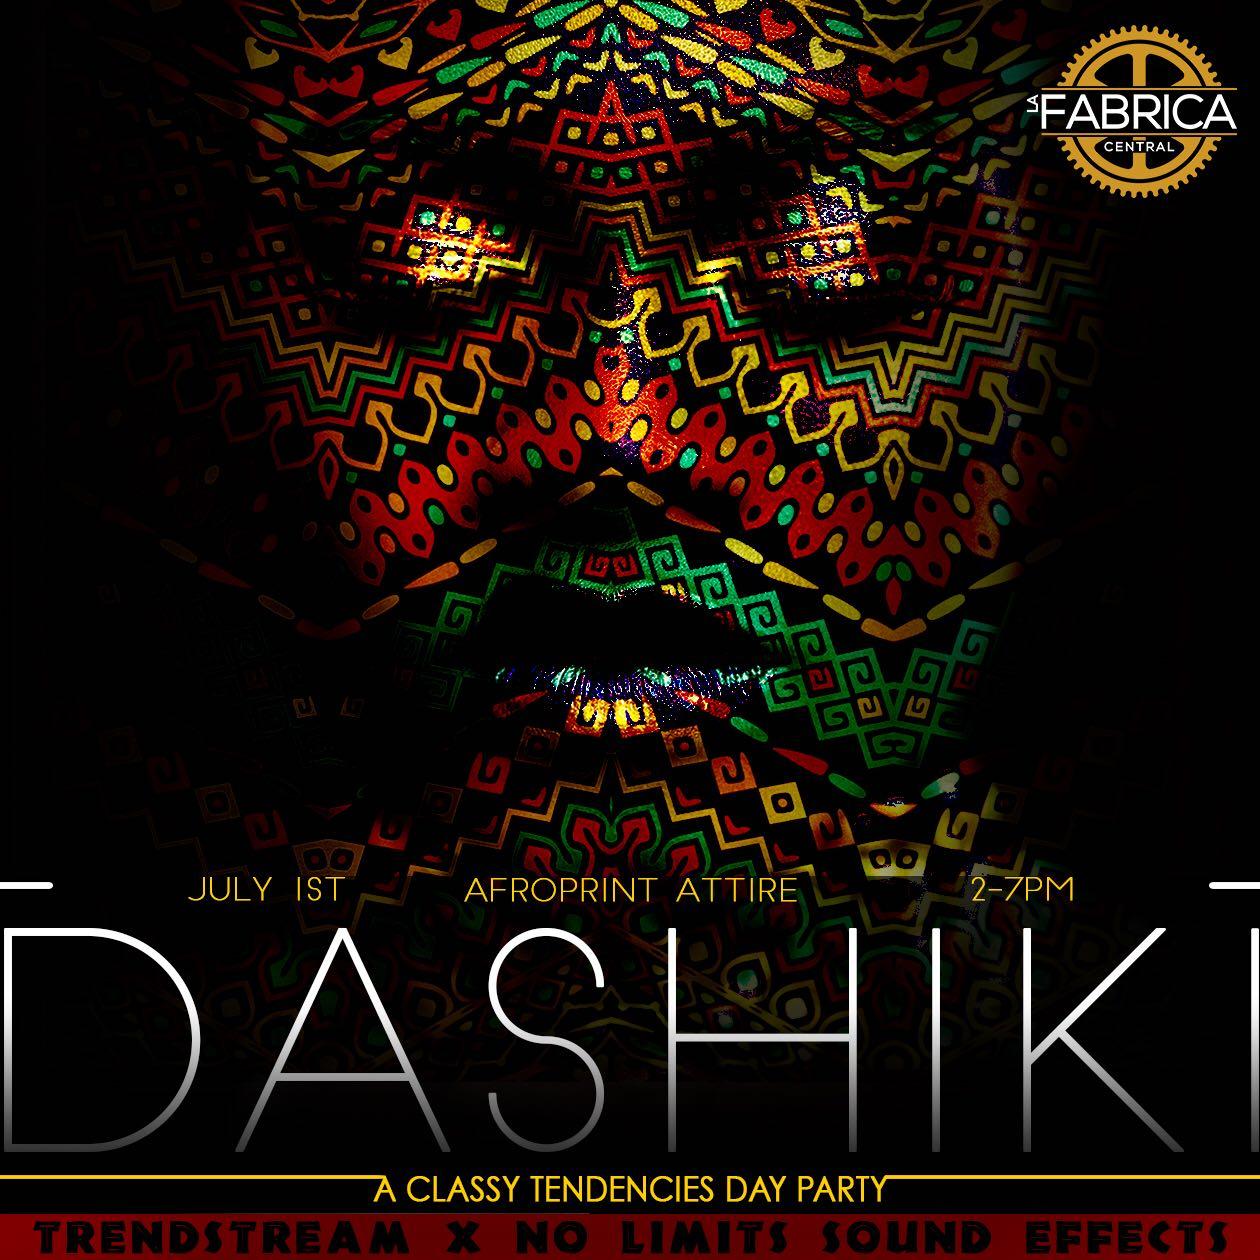 Dashiki Day Party